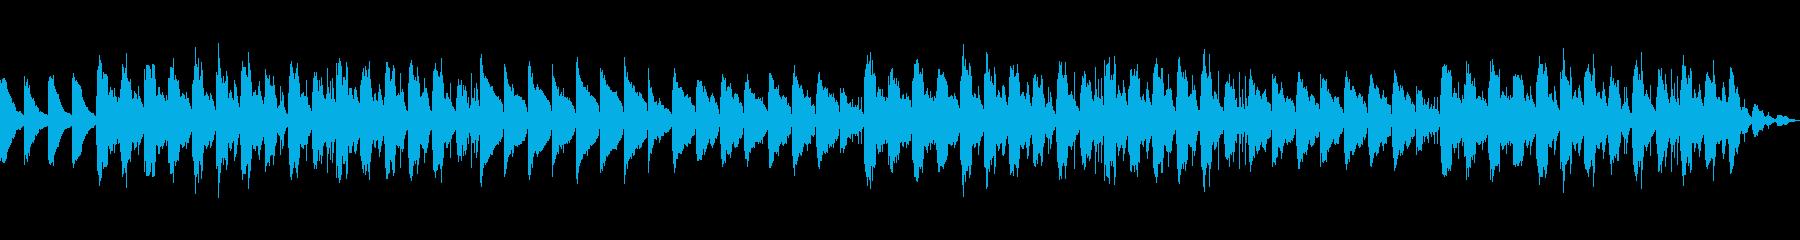 ピアノを使った神秘的な朝のLo-Fiの再生済みの波形